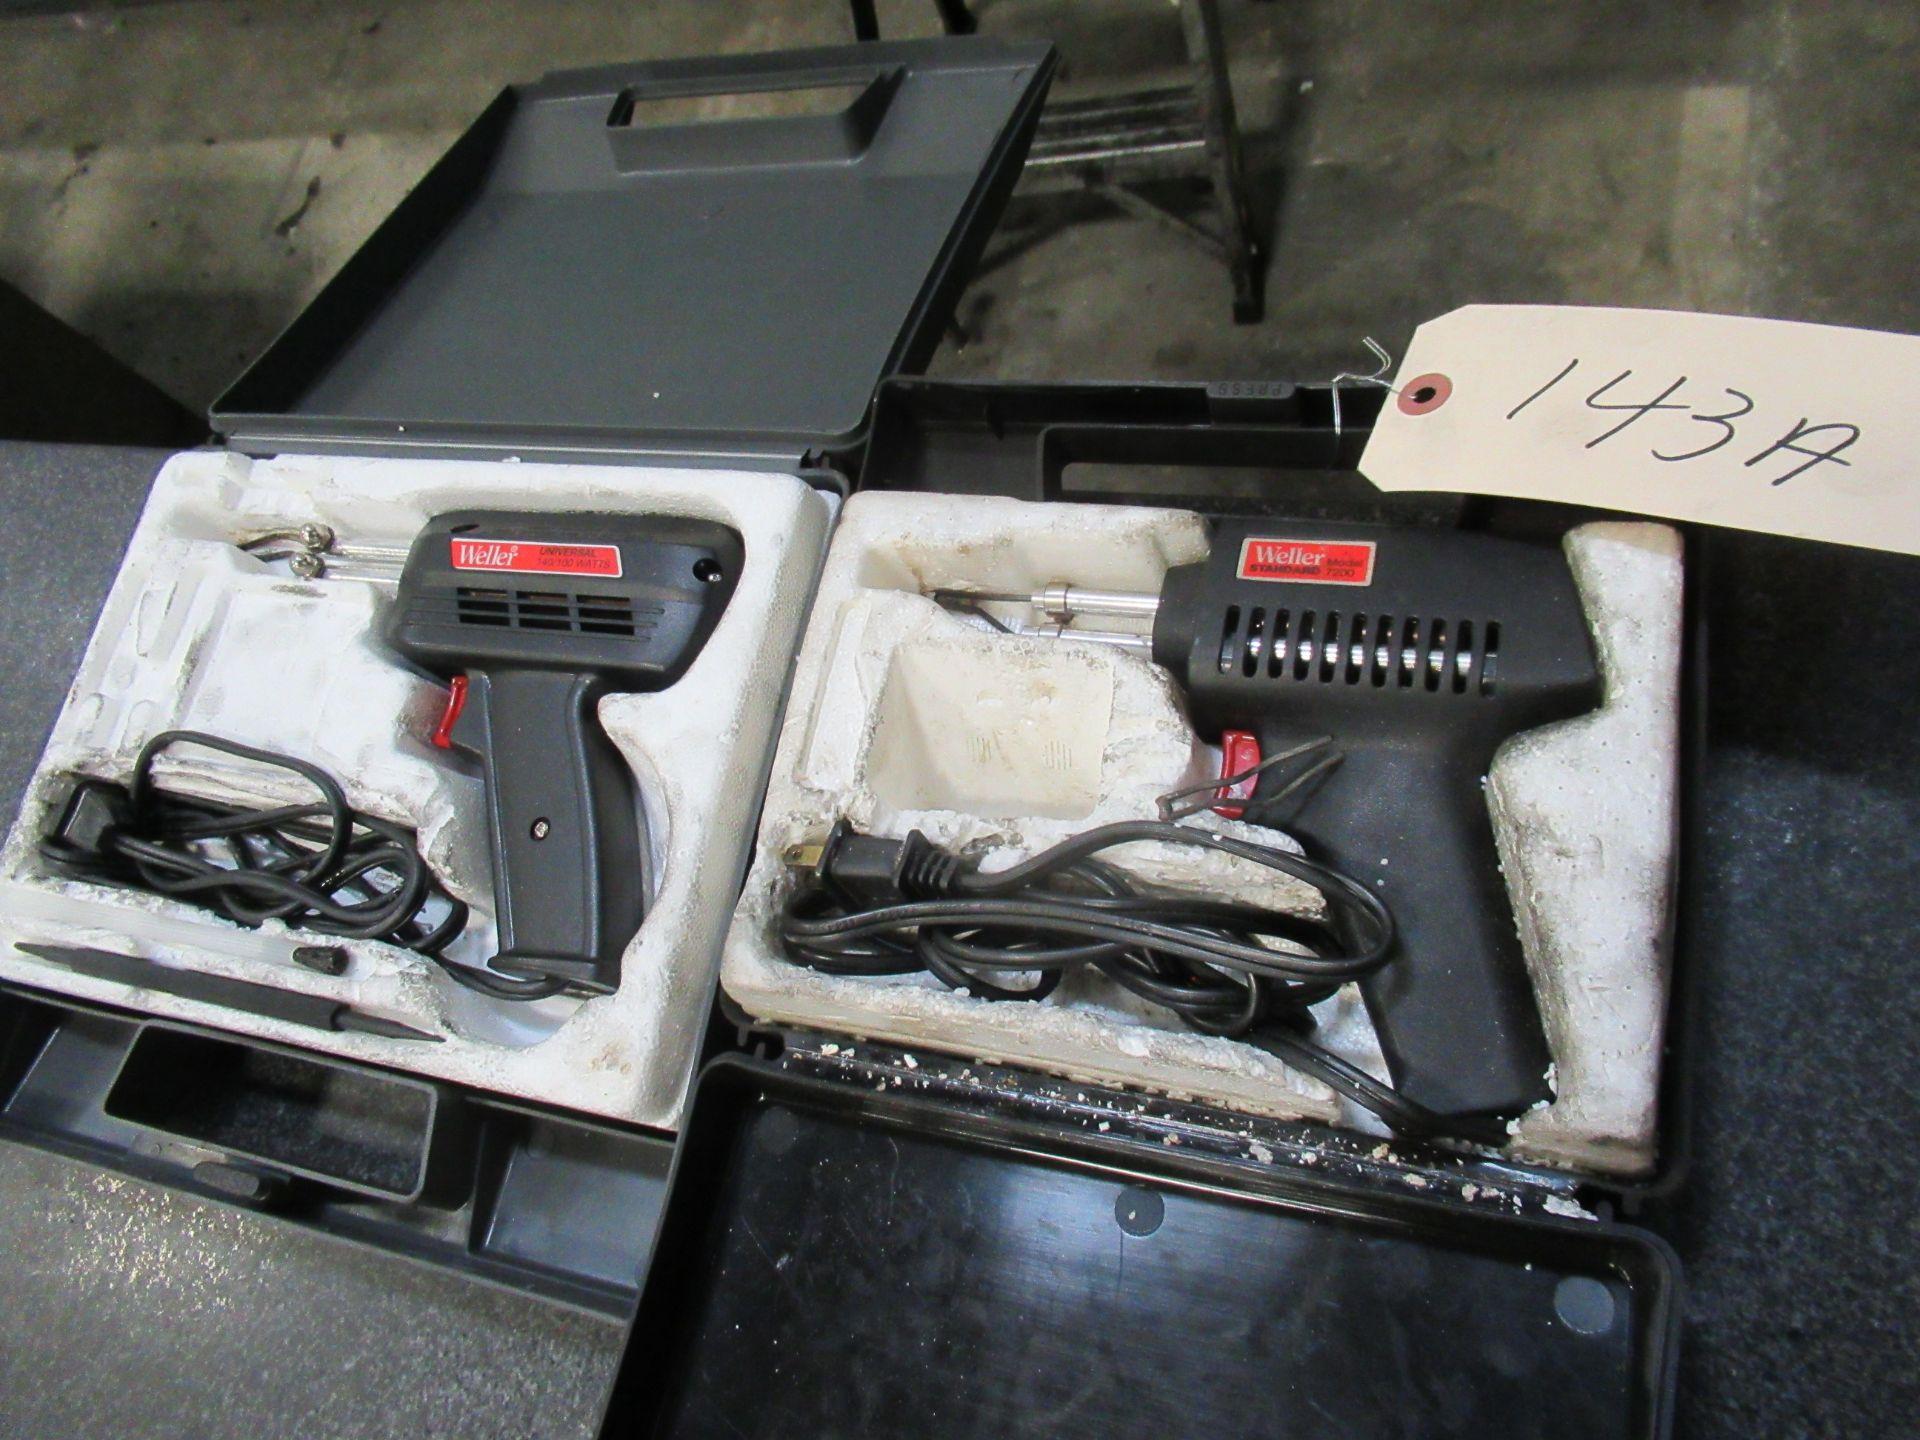 (2) WELLER HEAT GUNS